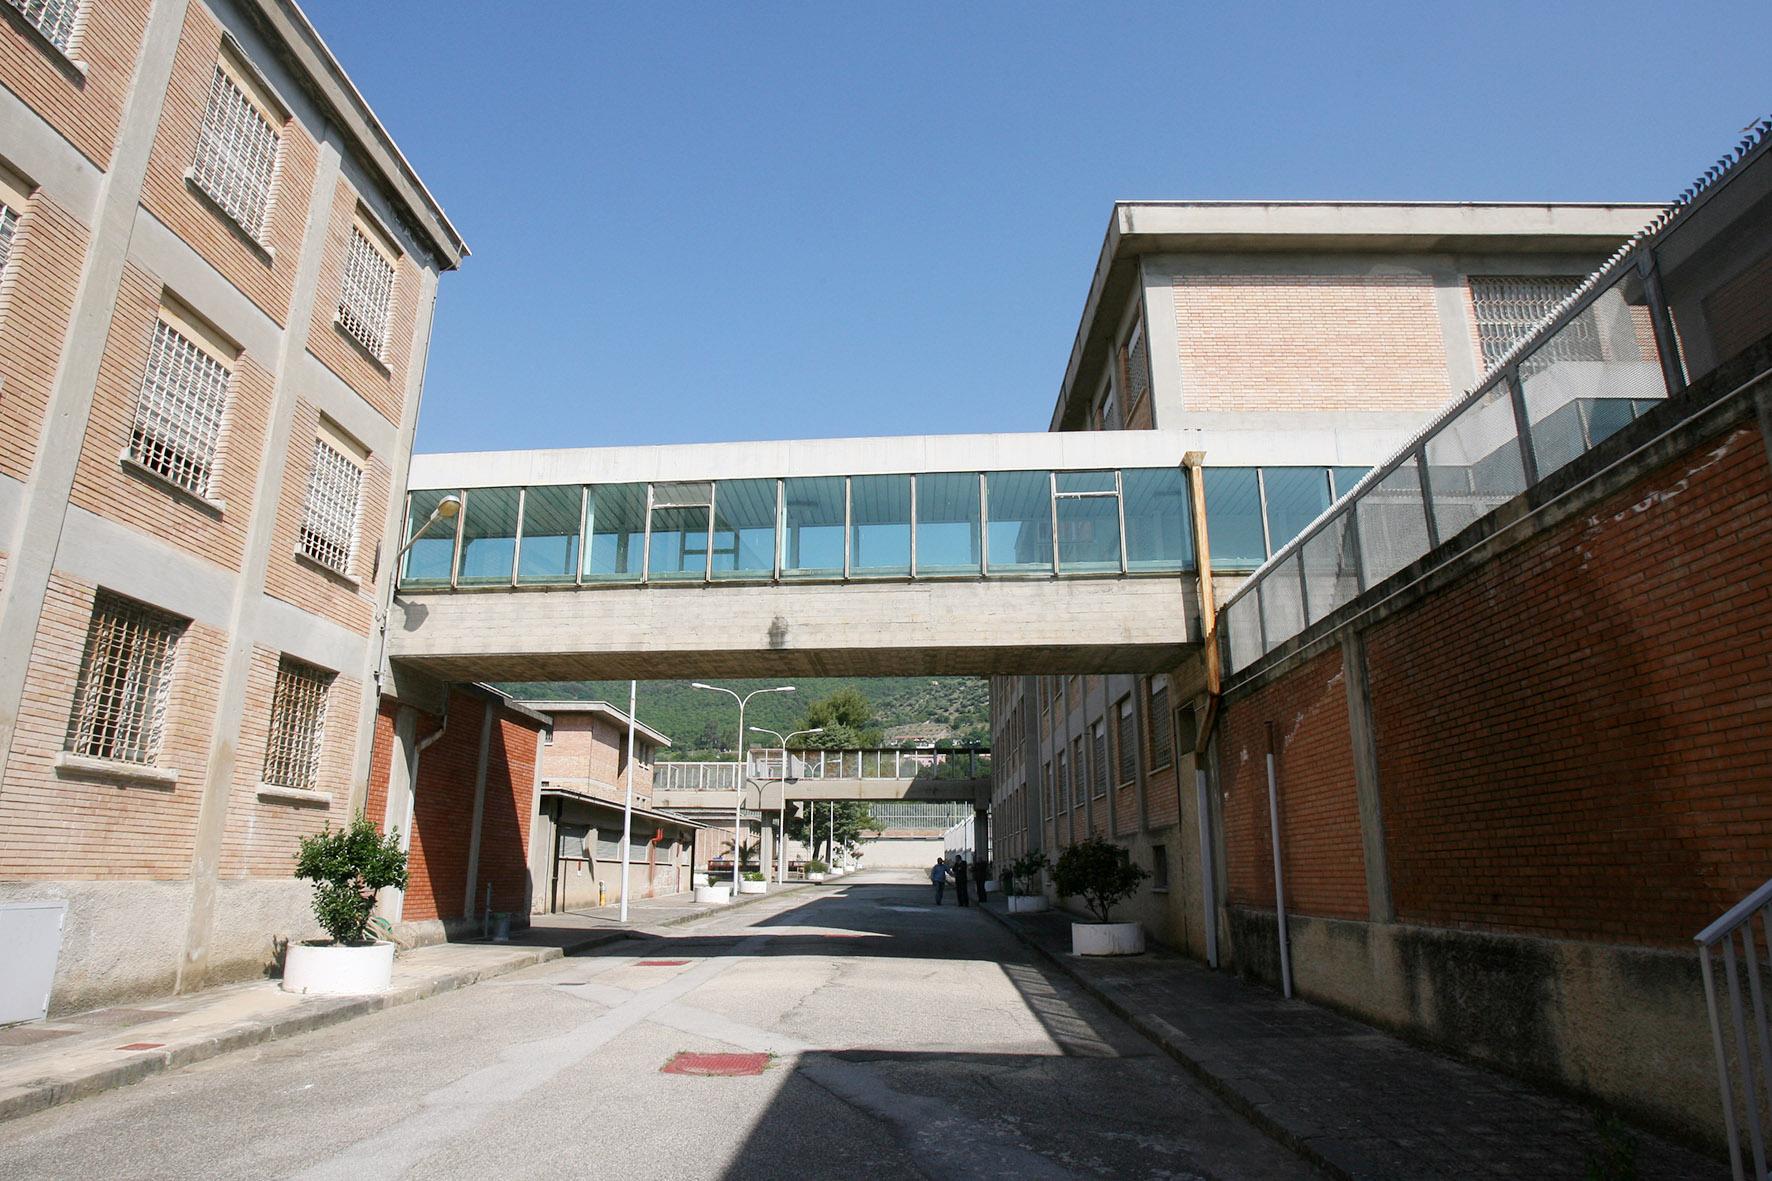 carcere fuorni